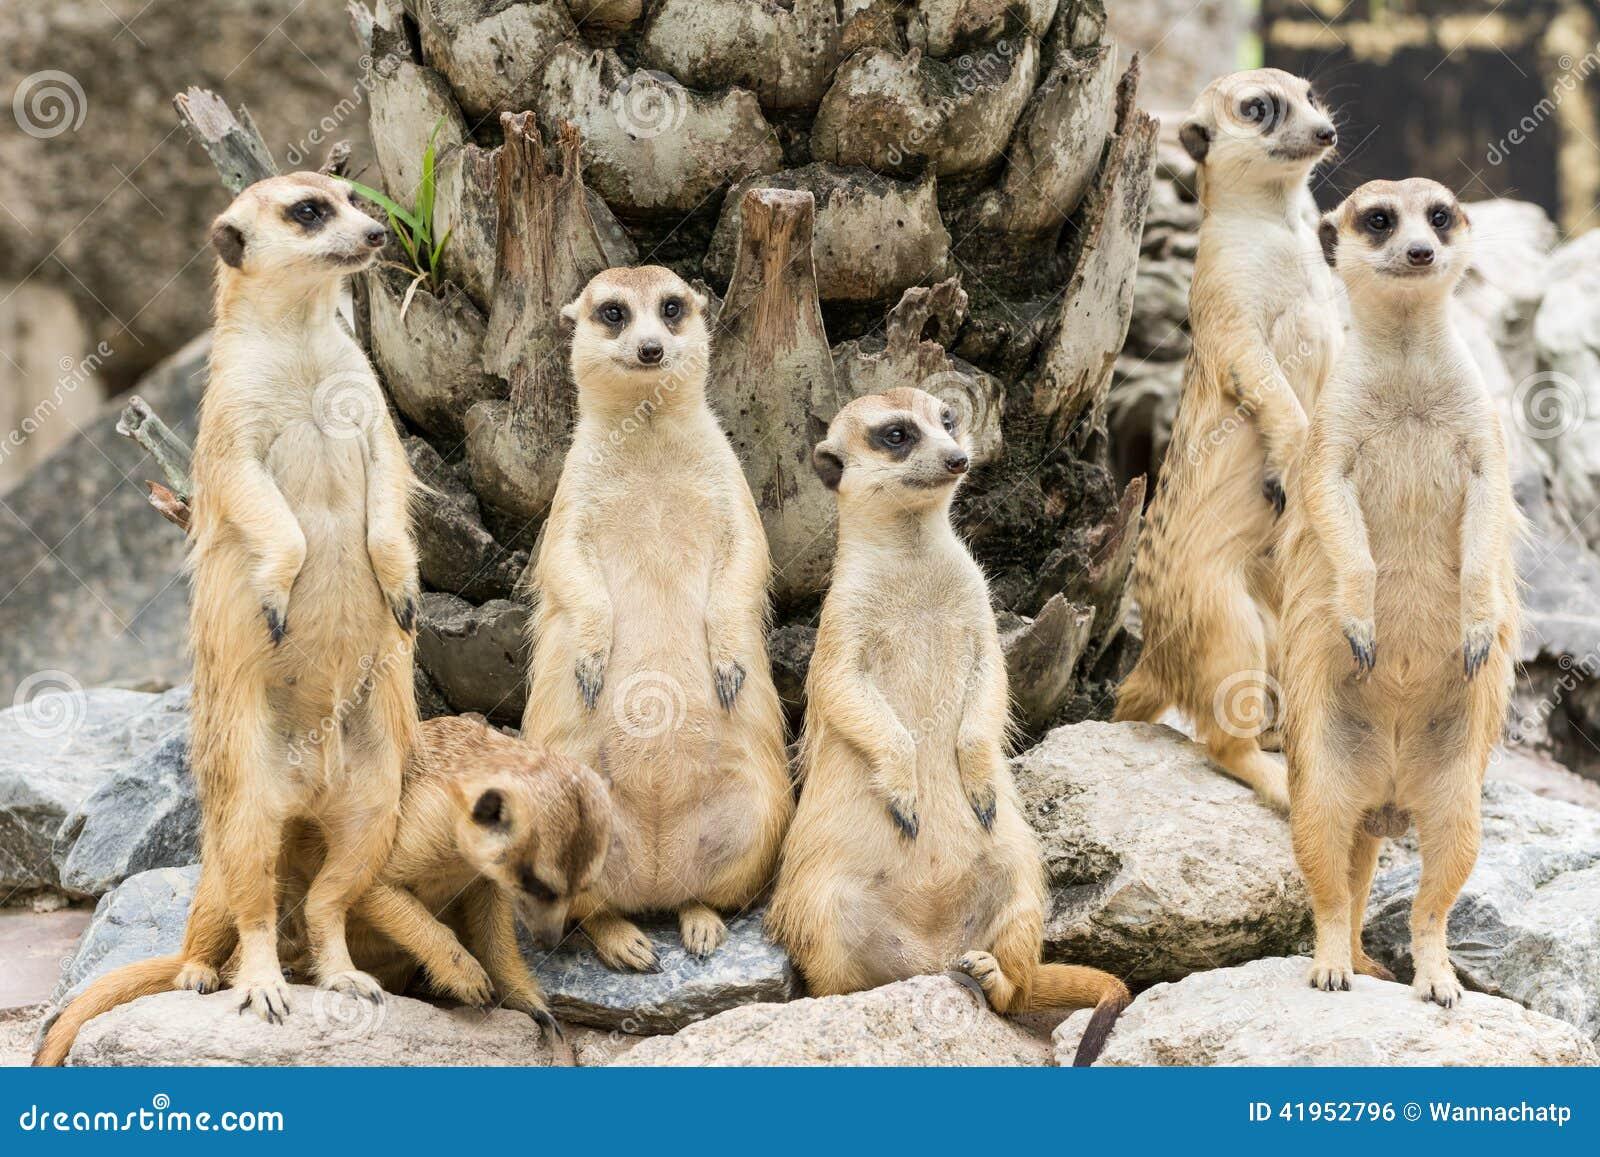 Meerkat lub Suricate kierdel (Suricata suricatta)